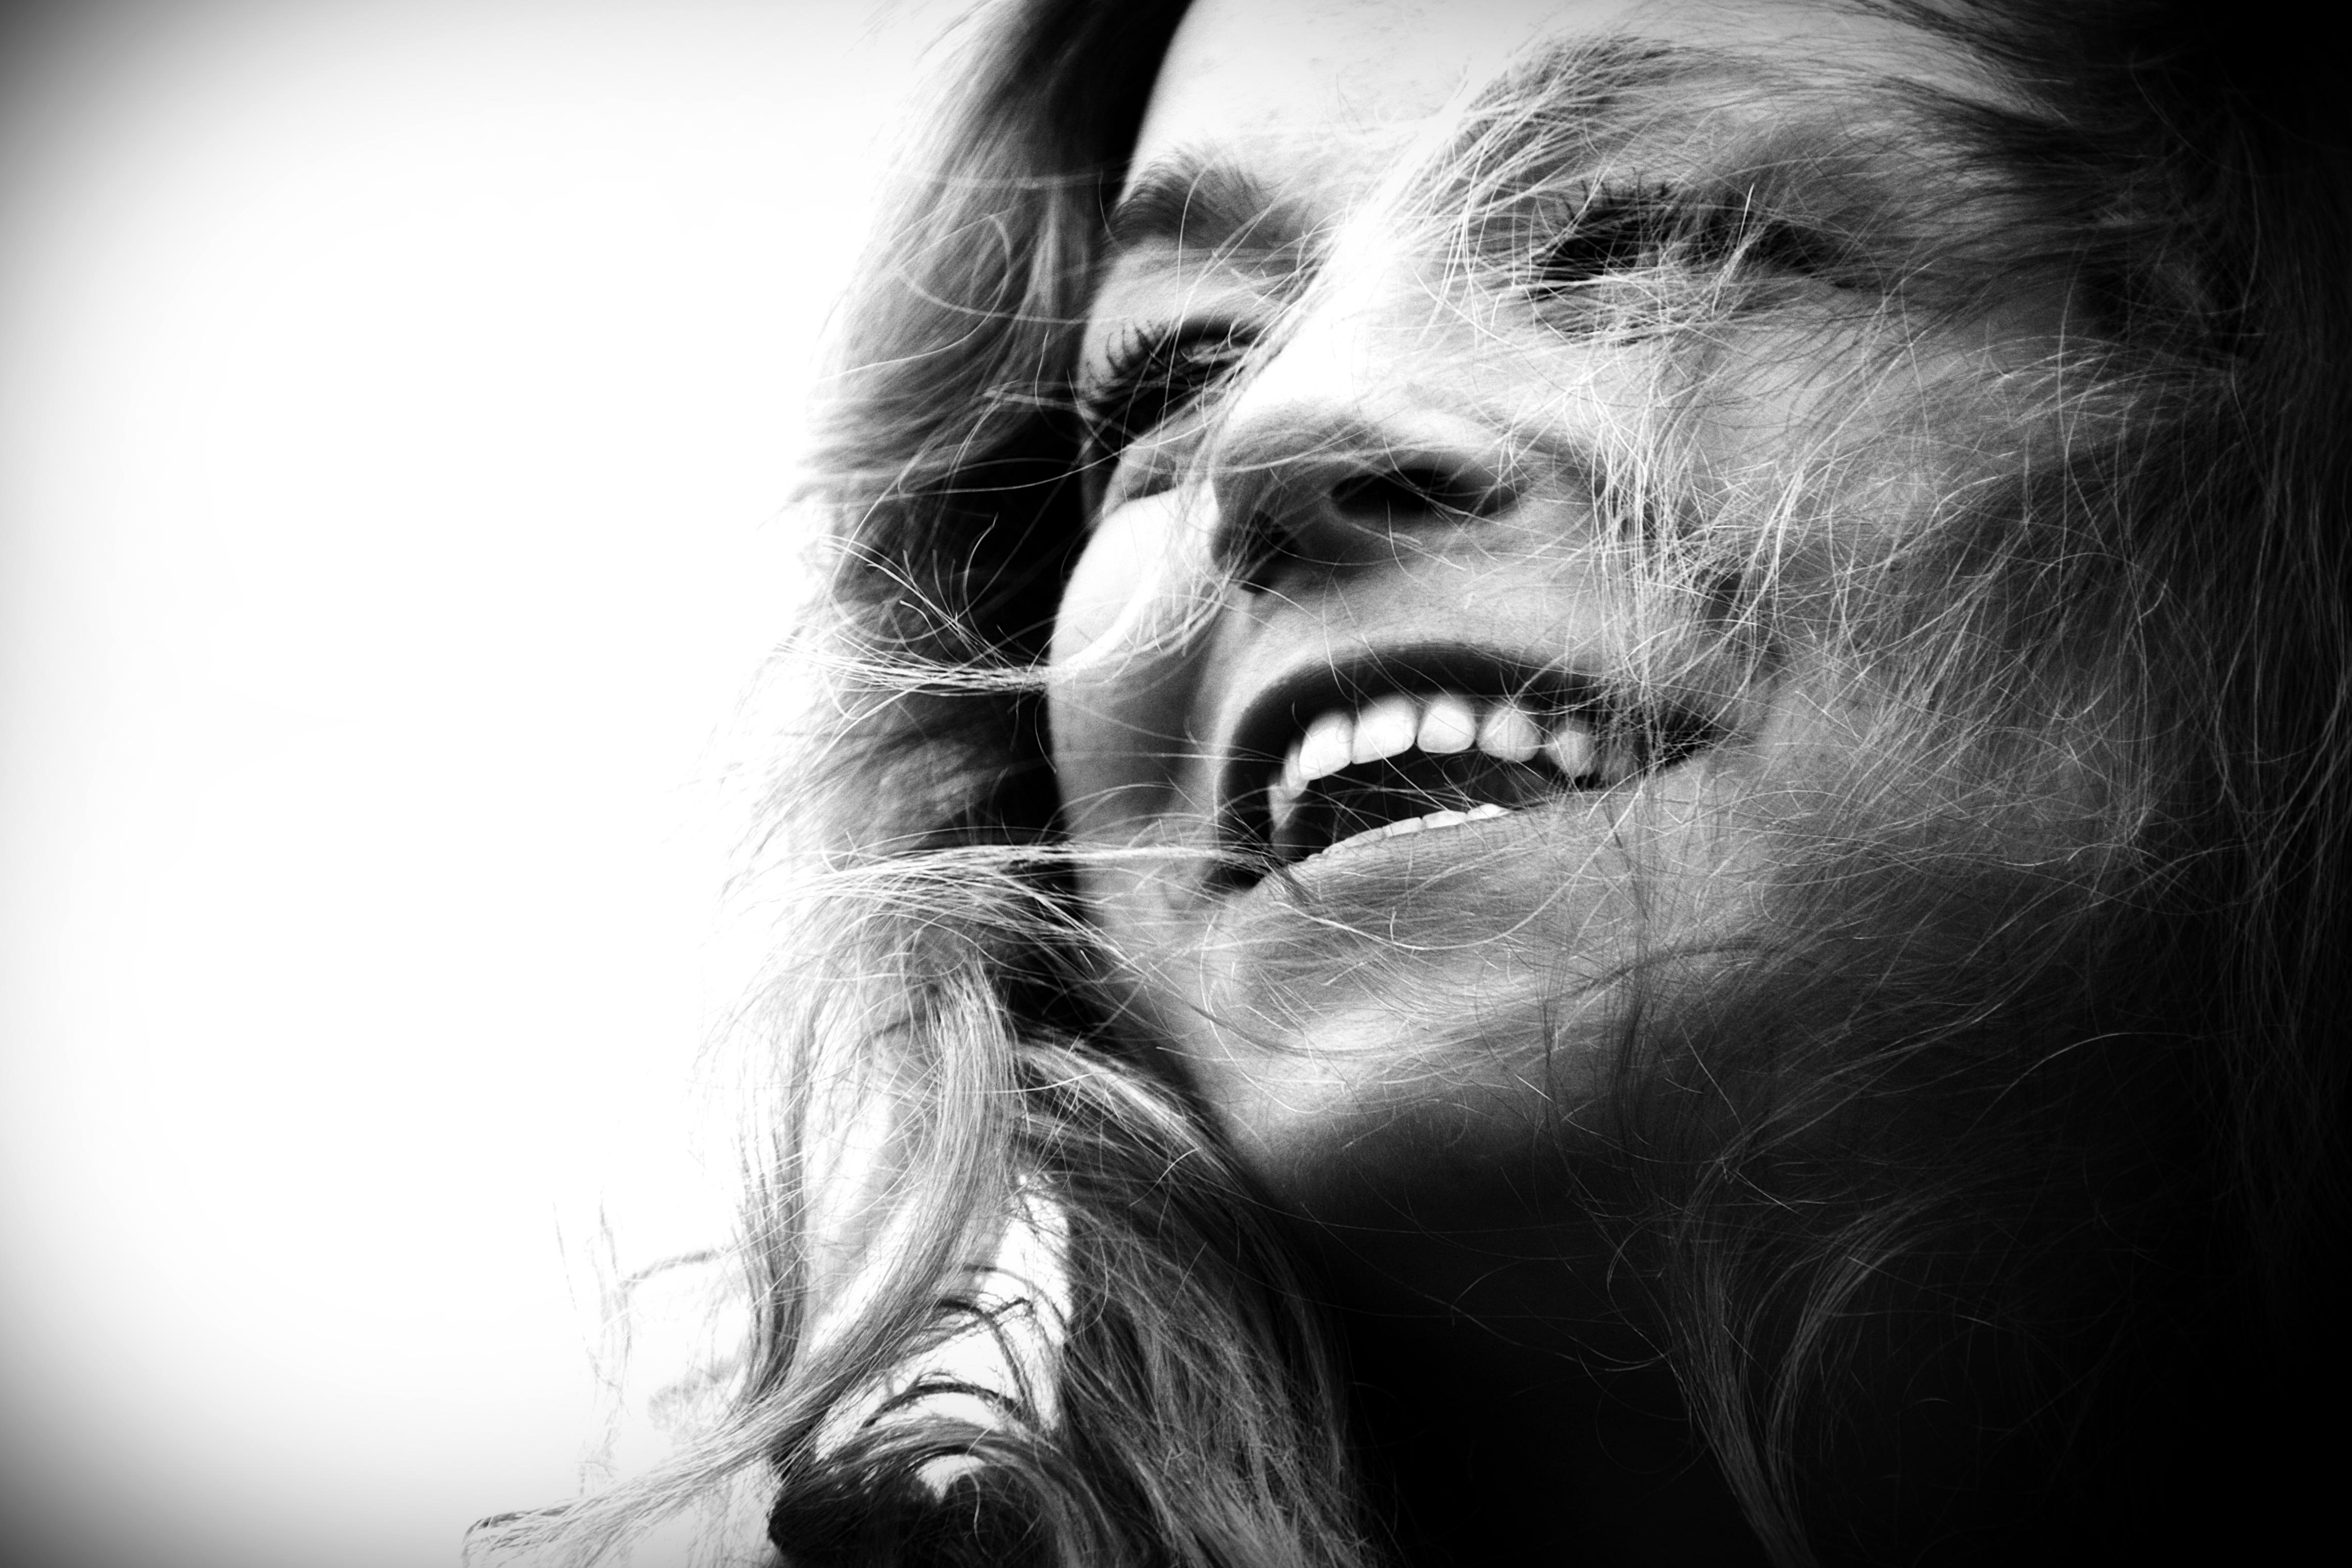 Caterina-pogorzelski-Megabambi-Plussize-curvy